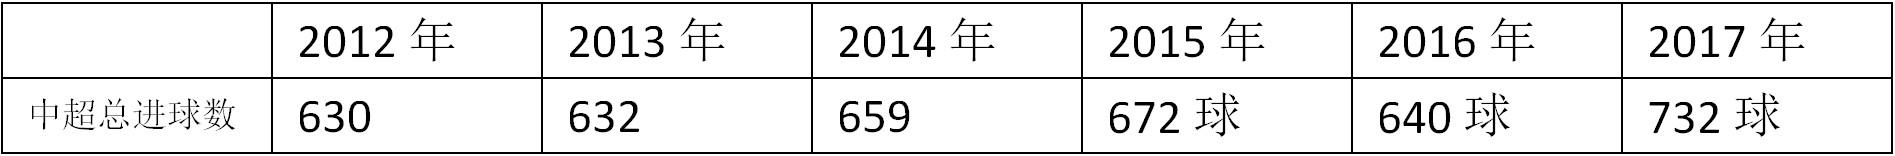 中超积分榜2017:看似这条